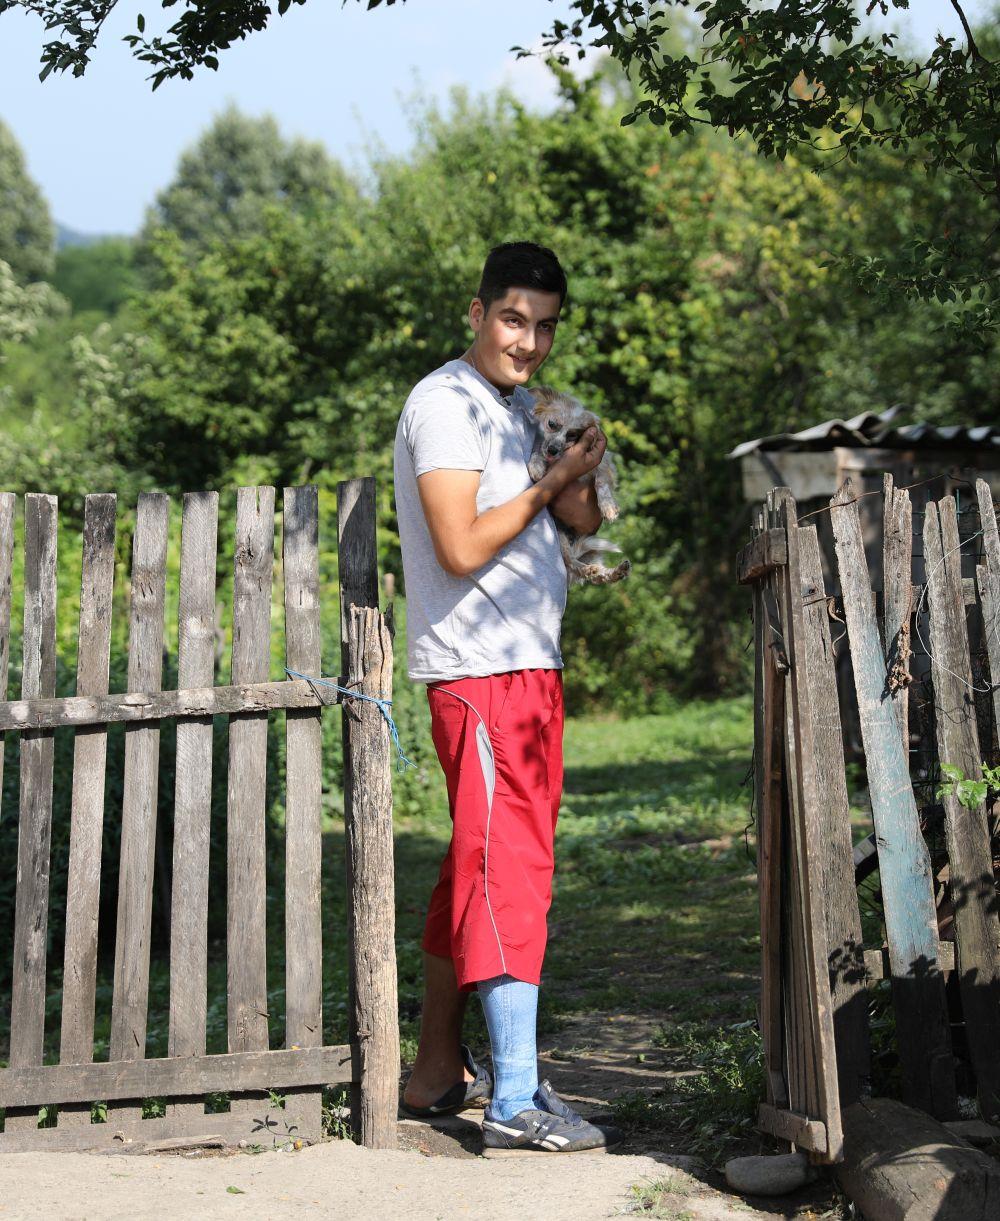 Flavius este un tânăr curajos și foarte sufletist. După ce echipa Visuri la cheie i-a construit casa, alături de Alex tache și alți tineri s-a oferit ca voluntar pentru a ajuta alți oameni în vara acestui an.